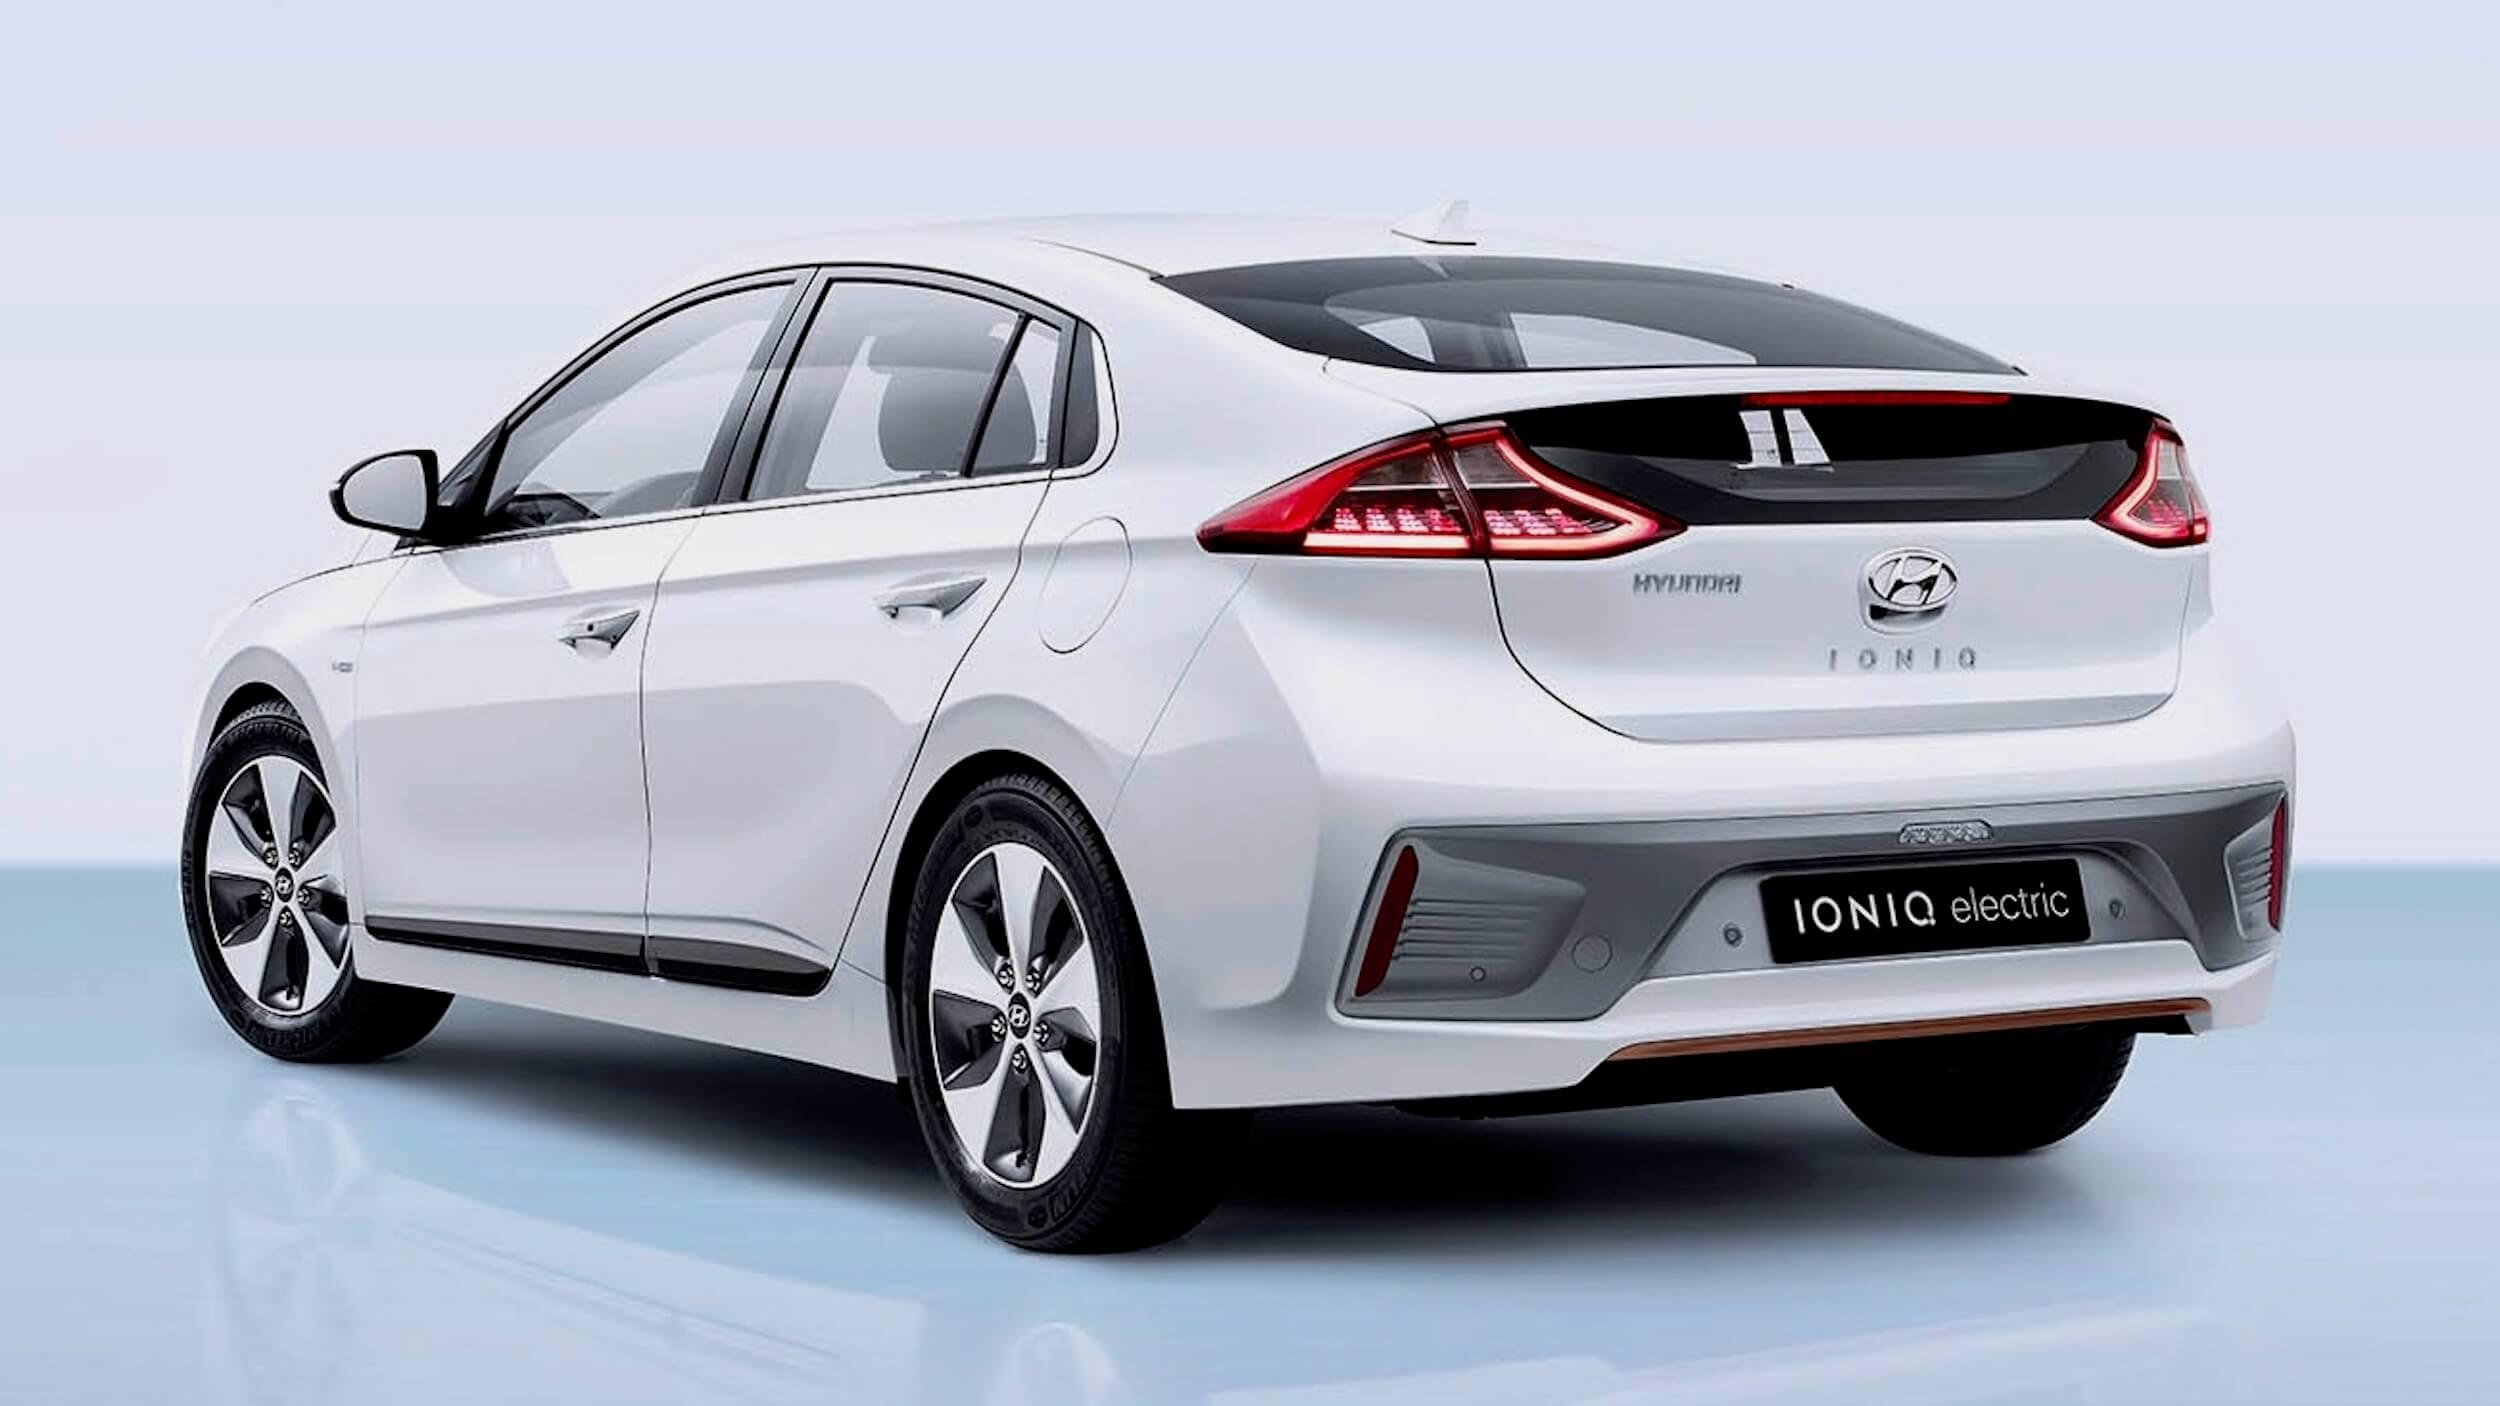 Hyundai Ioniq 2016 28 kWh